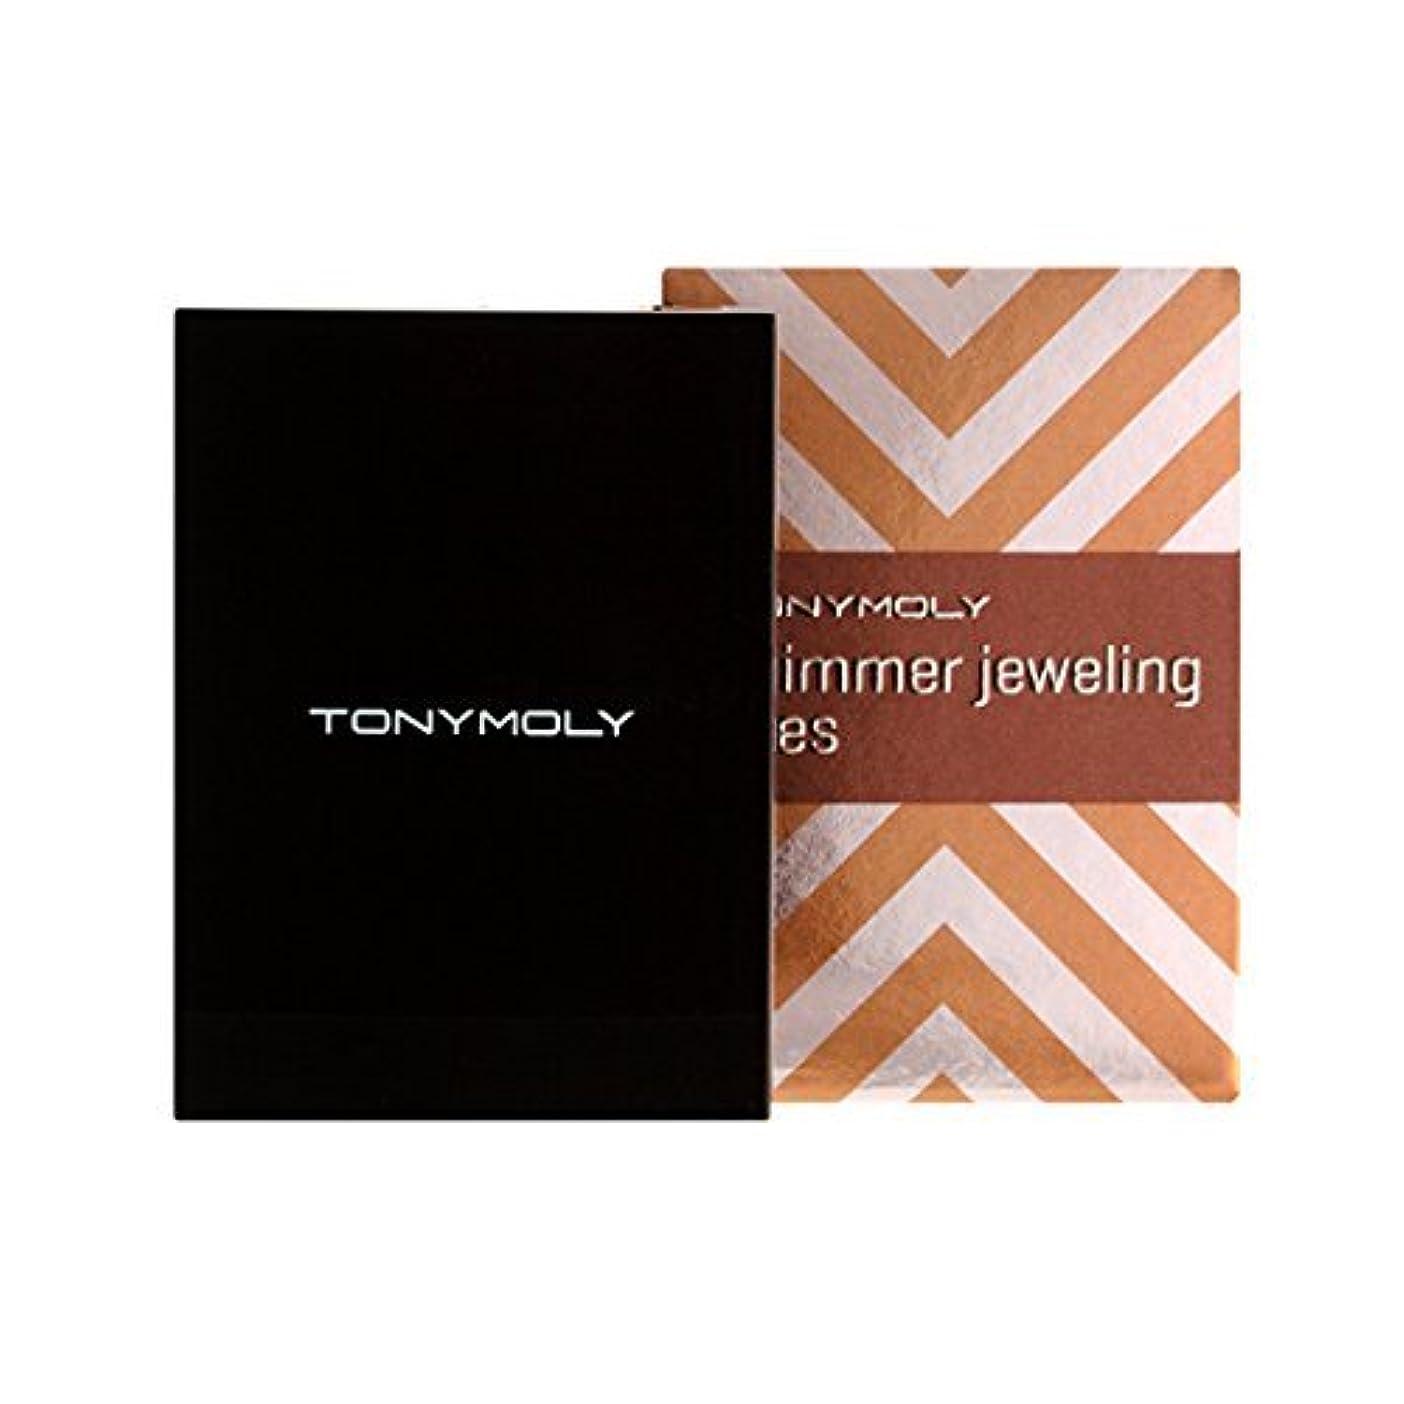 倉庫不純管理[Tonymoly] トニーモリ Shimmer Jeweling Eyes 2.7g #01 Gold Jeweling by TONYMOLY